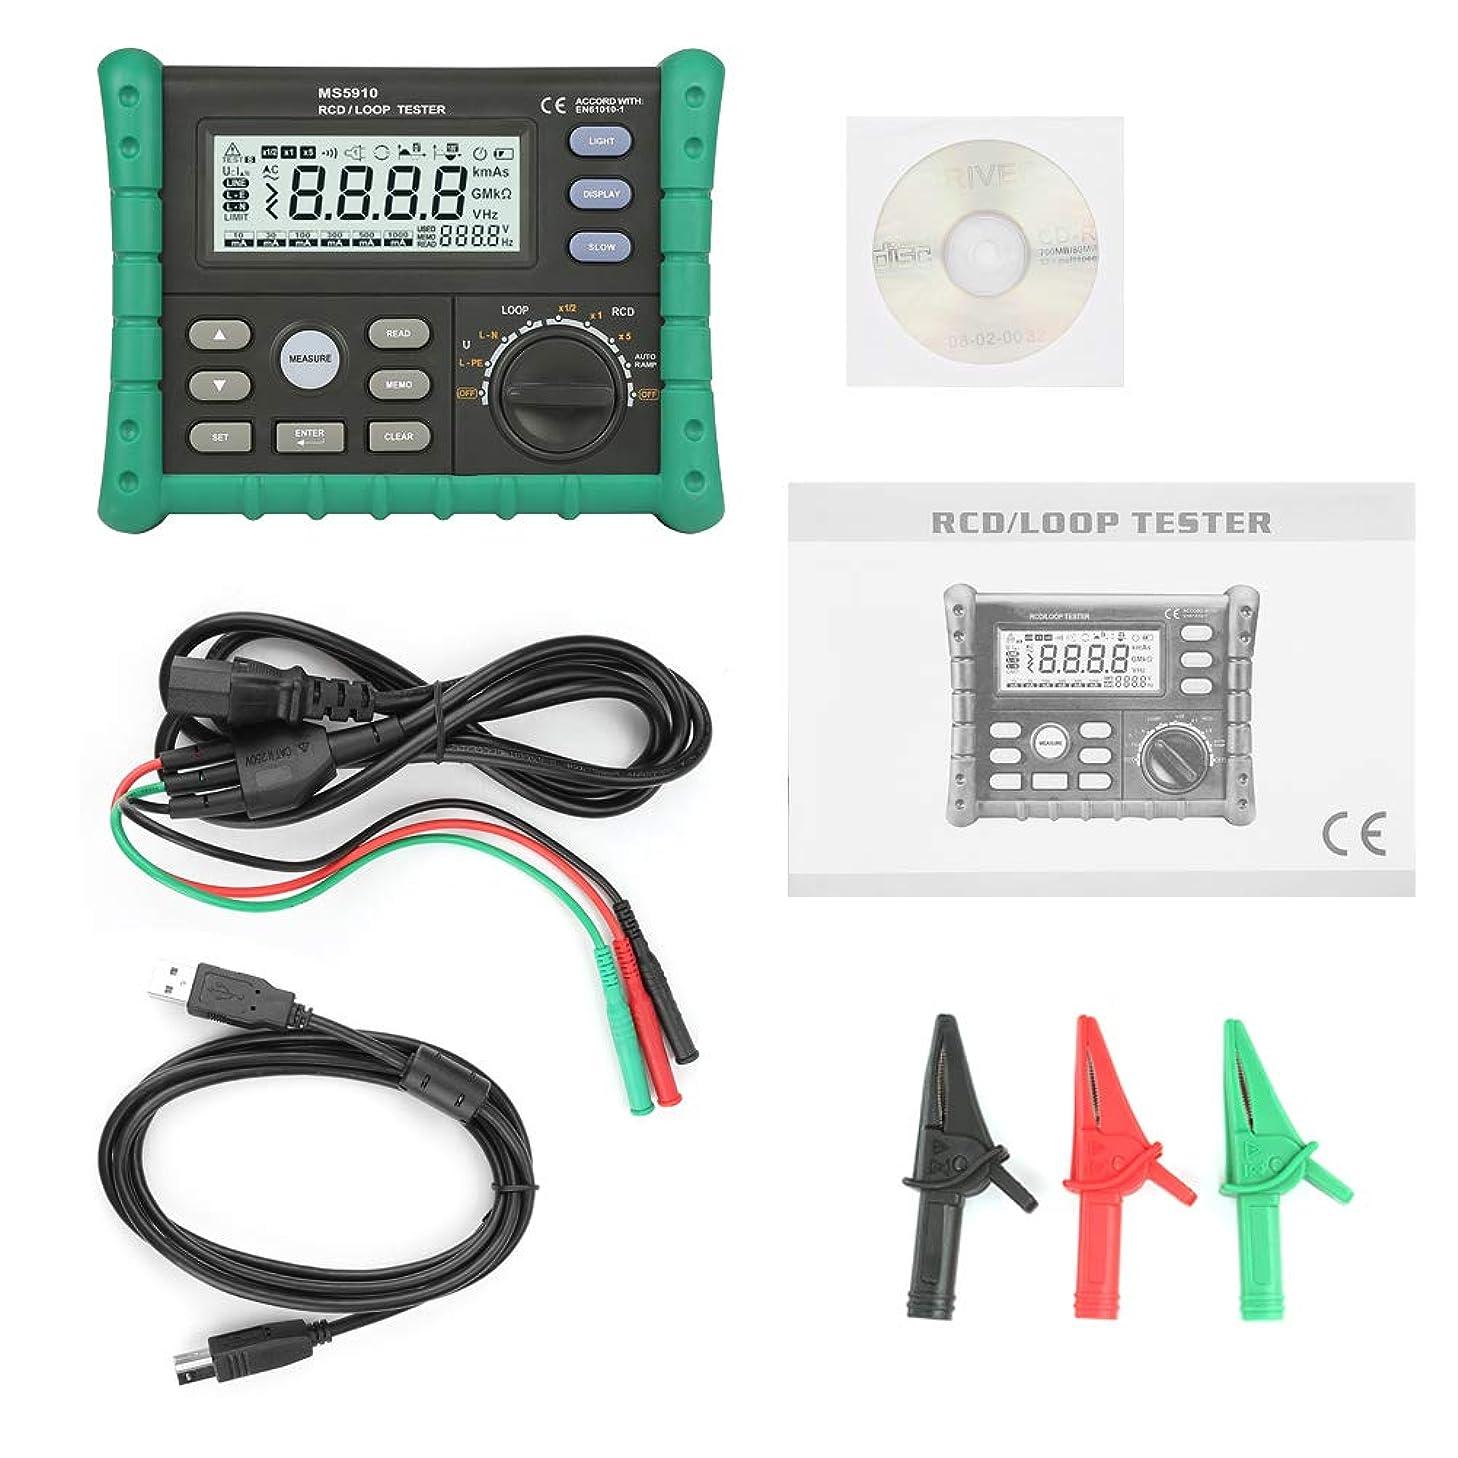 サスペンション討論実質的にMS5910 RCDループ抵抗テスター回路トリップアウト電流時間検出器、USBインターフェース付き